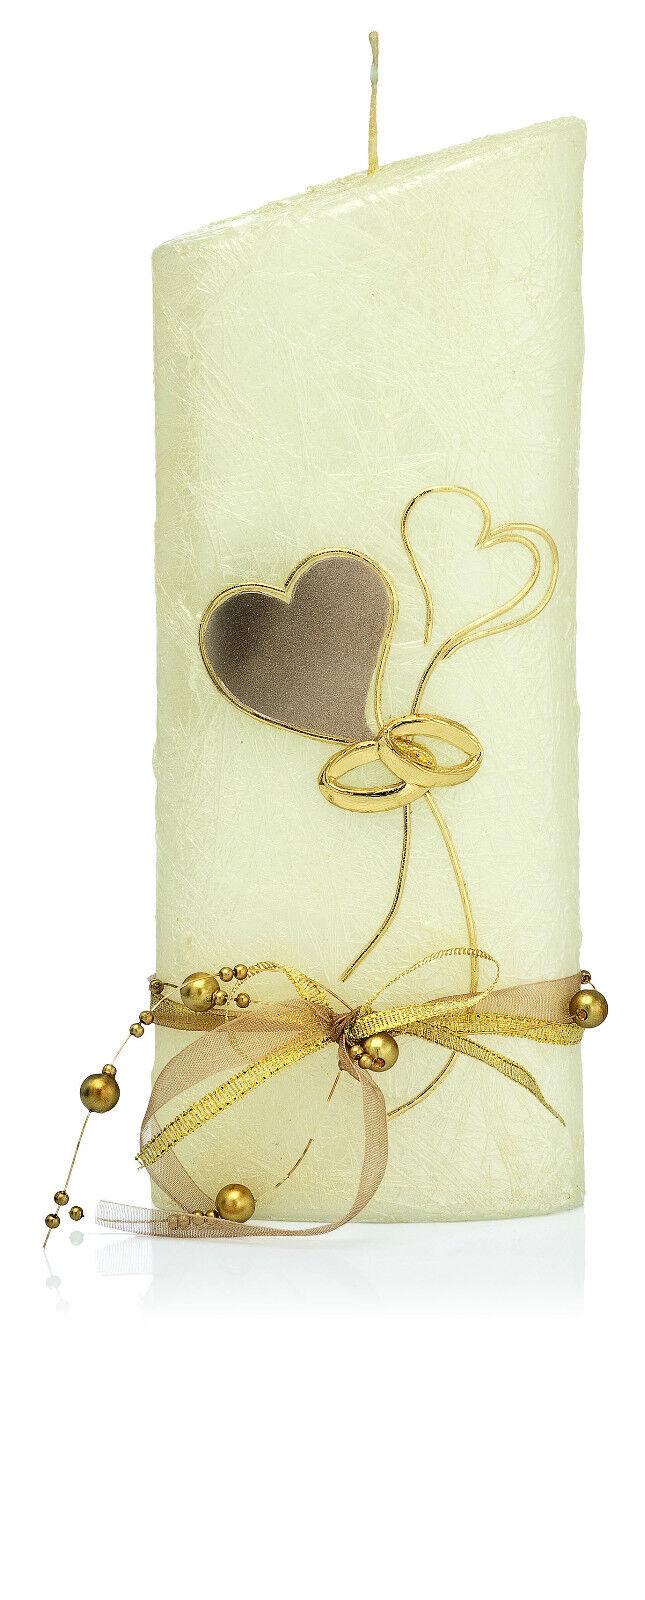 Moderne Hochzeitskerze    Ellipse  220x85 in Perlmutt Creme mit Ringen  Herzen | Großartig  | Rich-pünktliche Lieferung  a9fd8e